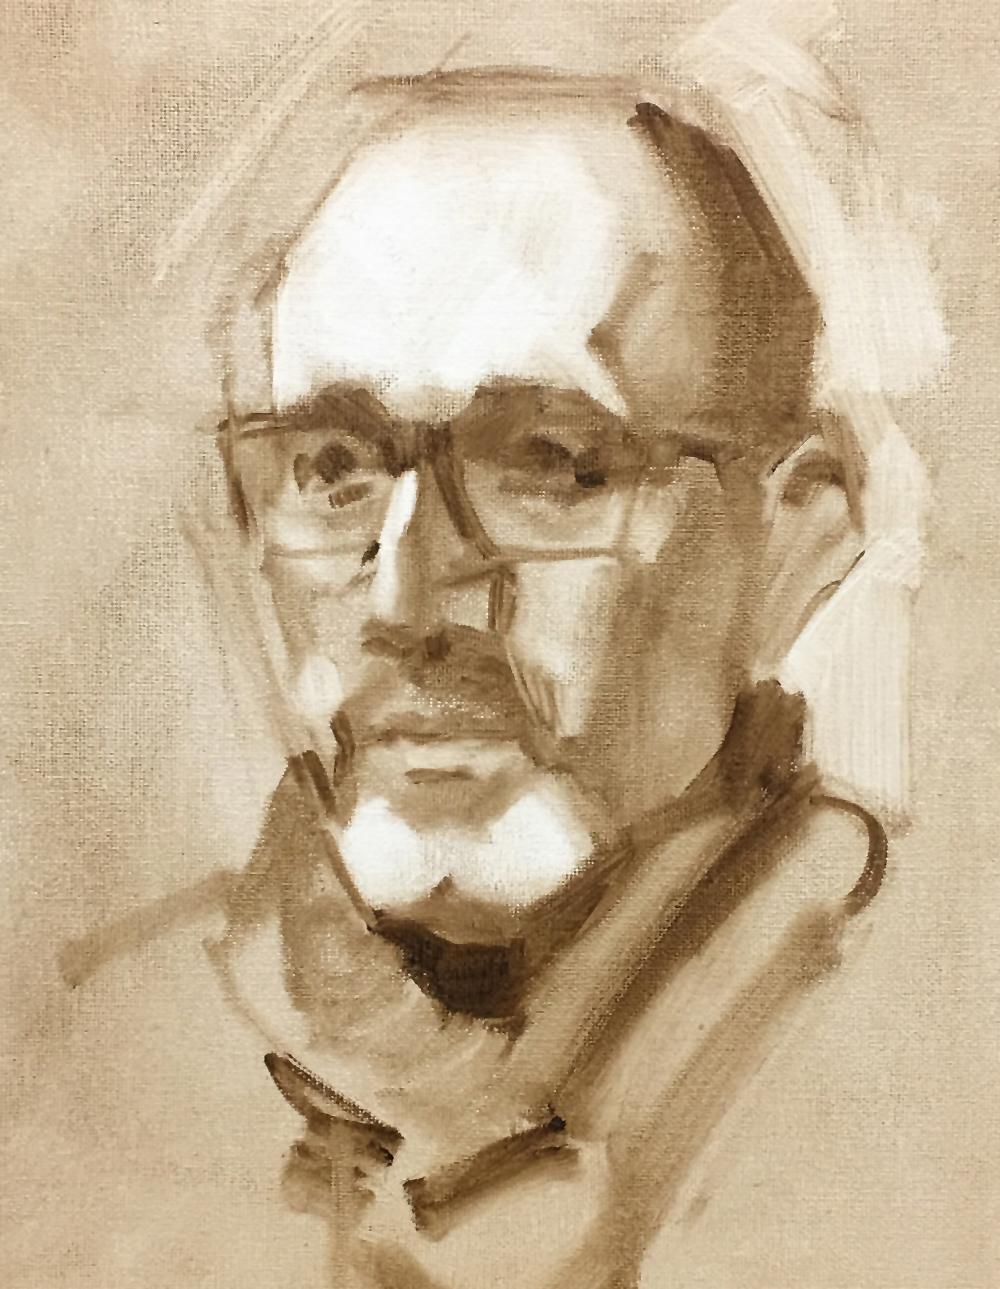 Comment commencer un portrait à l'huile. Explication de Ben Lustenhouwer, portraitiste néerlandais.v